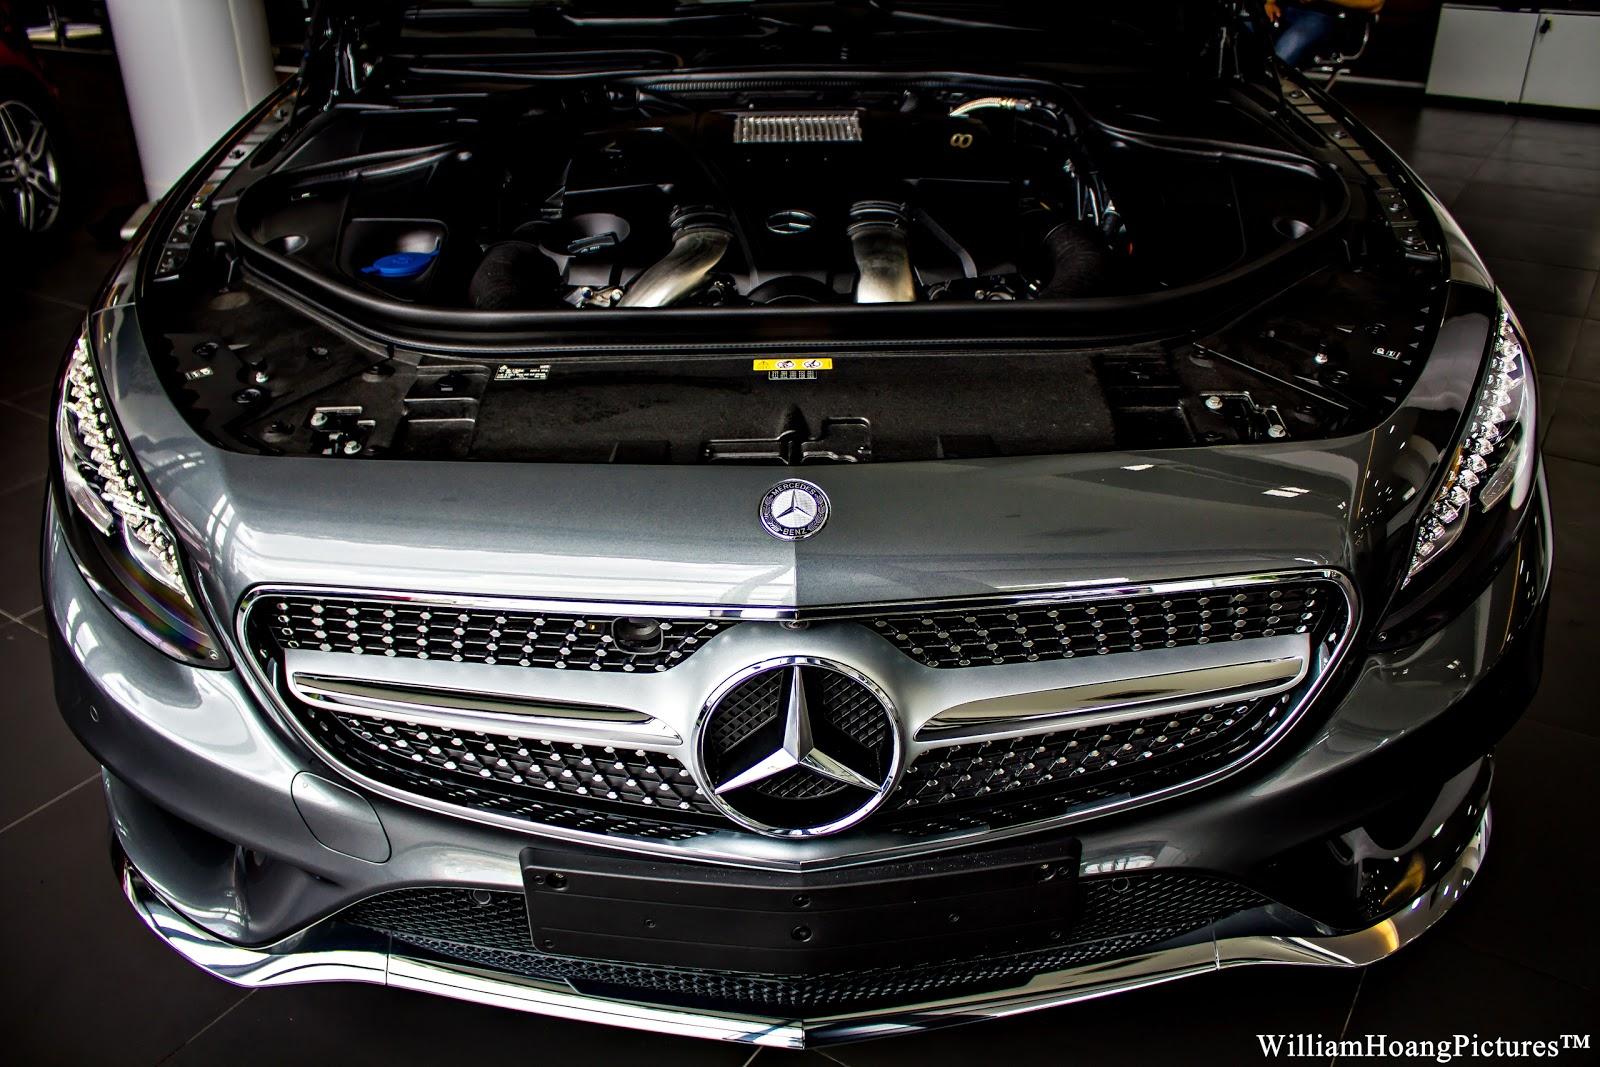 Mercedes Benz S500 4Matic Coupe là một chiếc xe cực mạnh với sức mạnh của siêu xe